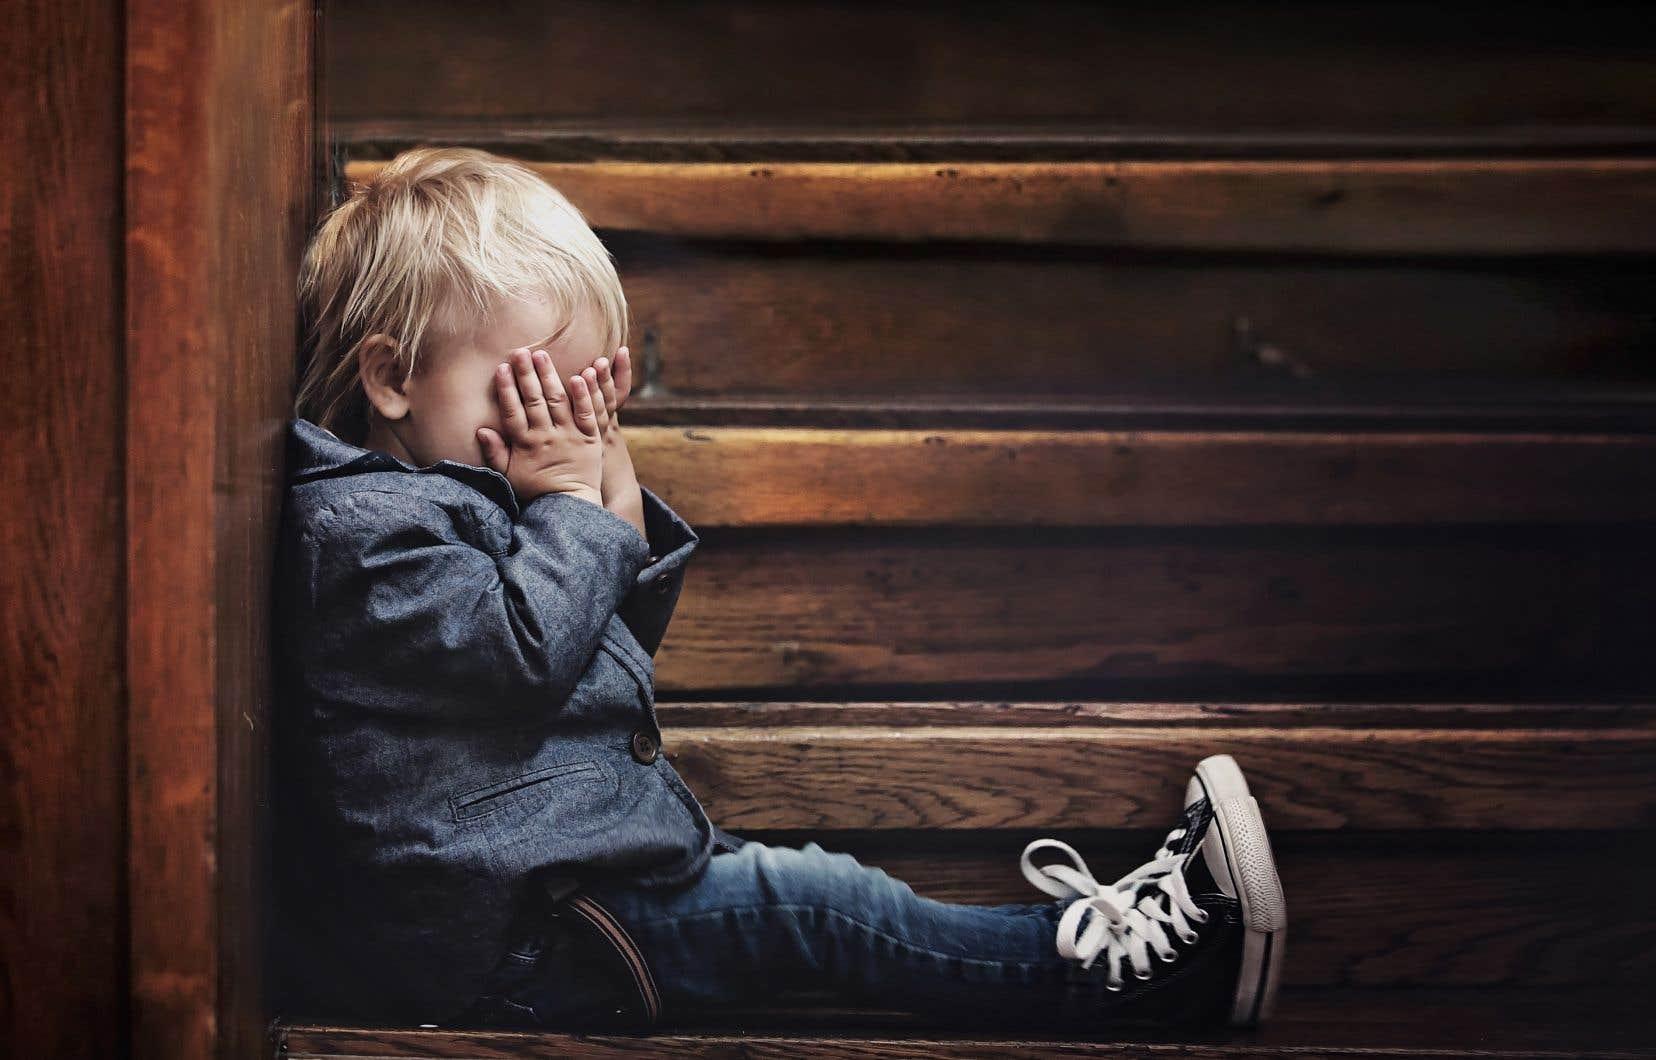 «La distanciation est difficile pour les tout-petits puisque c'est par le jeu et la proximité qu'ils apprennent à socialiser», souligne Christine Grou, présidente de l'Ordre des psychologues du Québec.